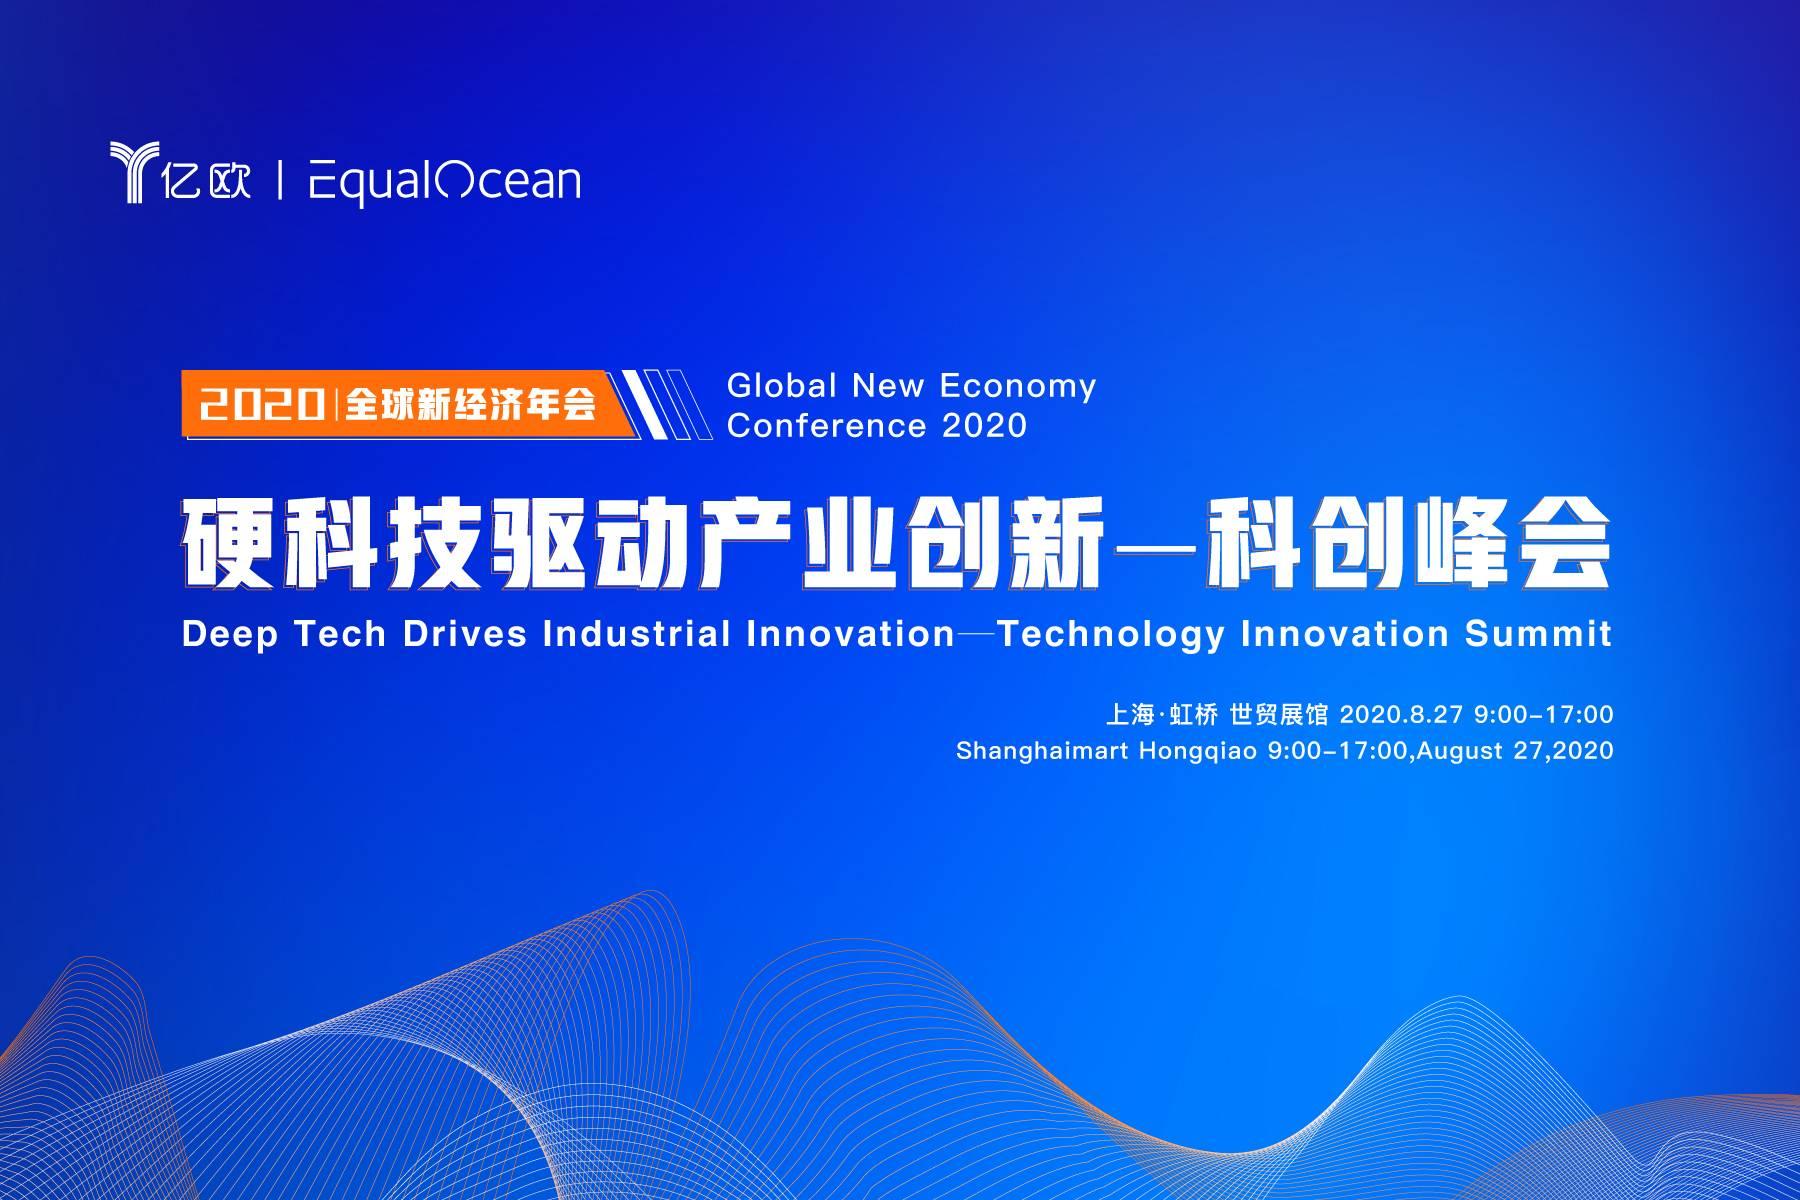 2020全球新经济年会 科创峰会